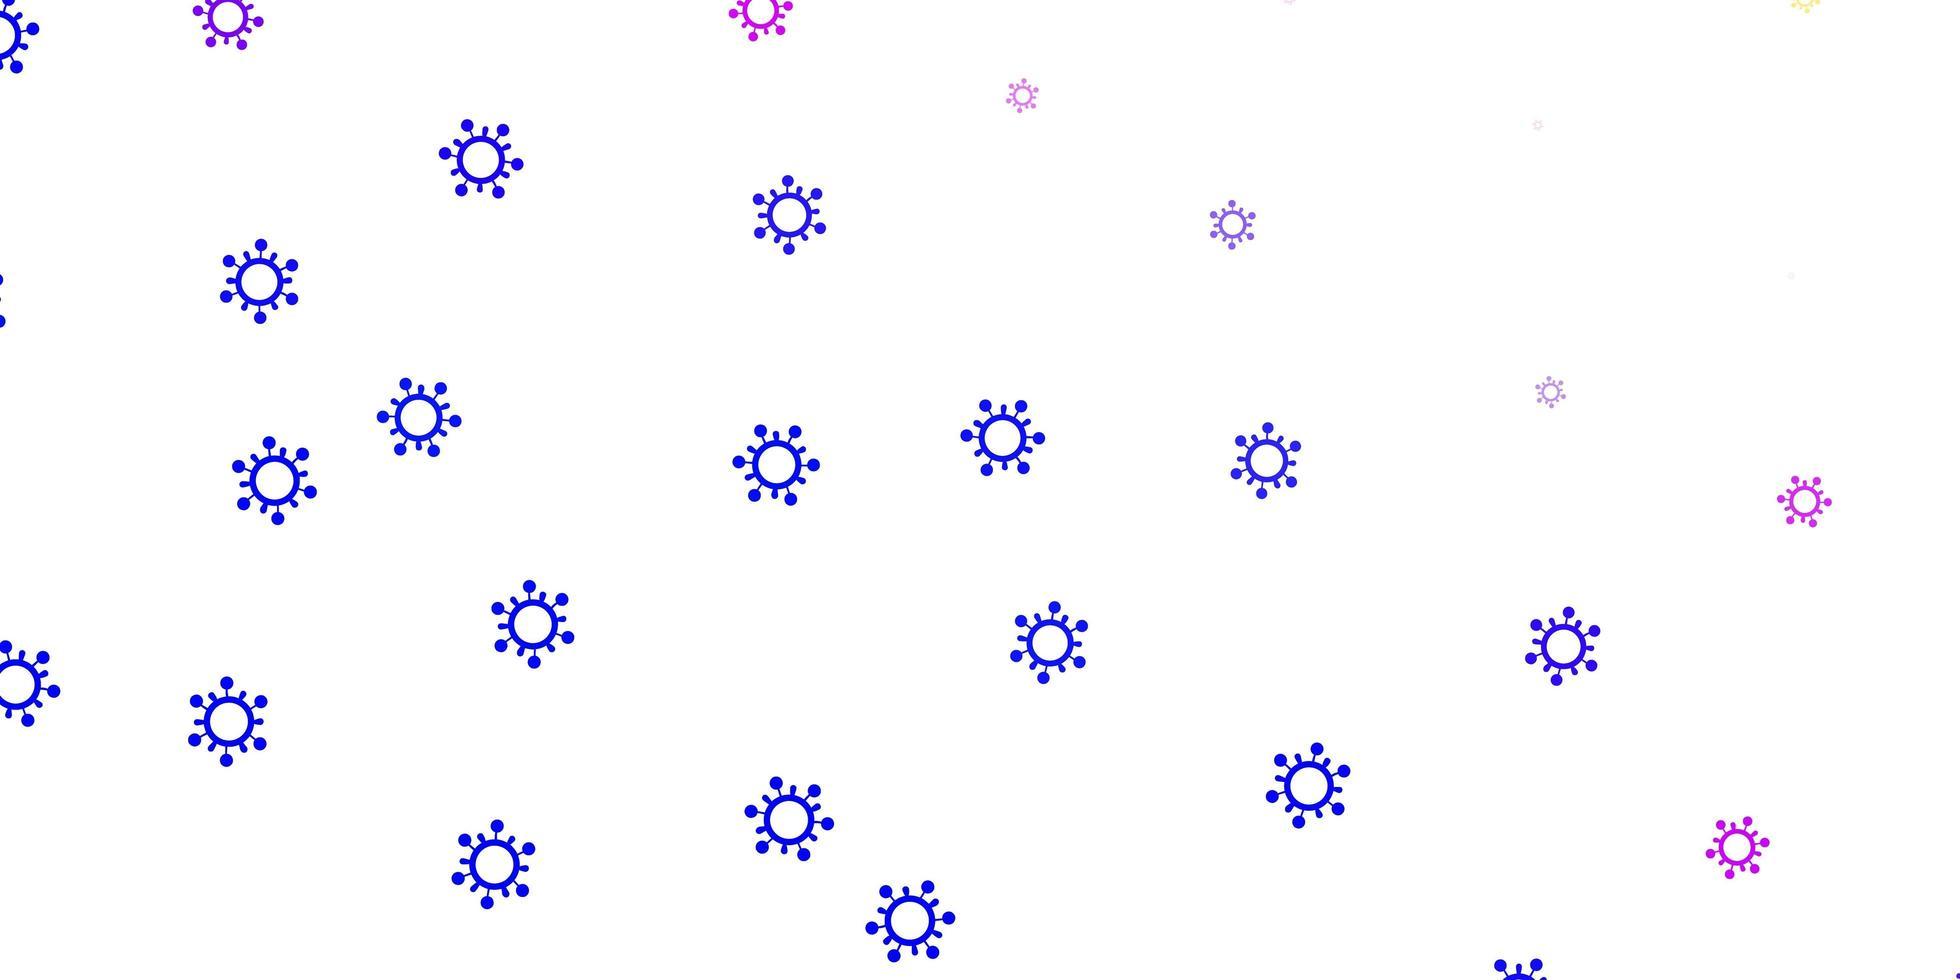 ljusrosa, blå vektormall med influensatecken. vektor